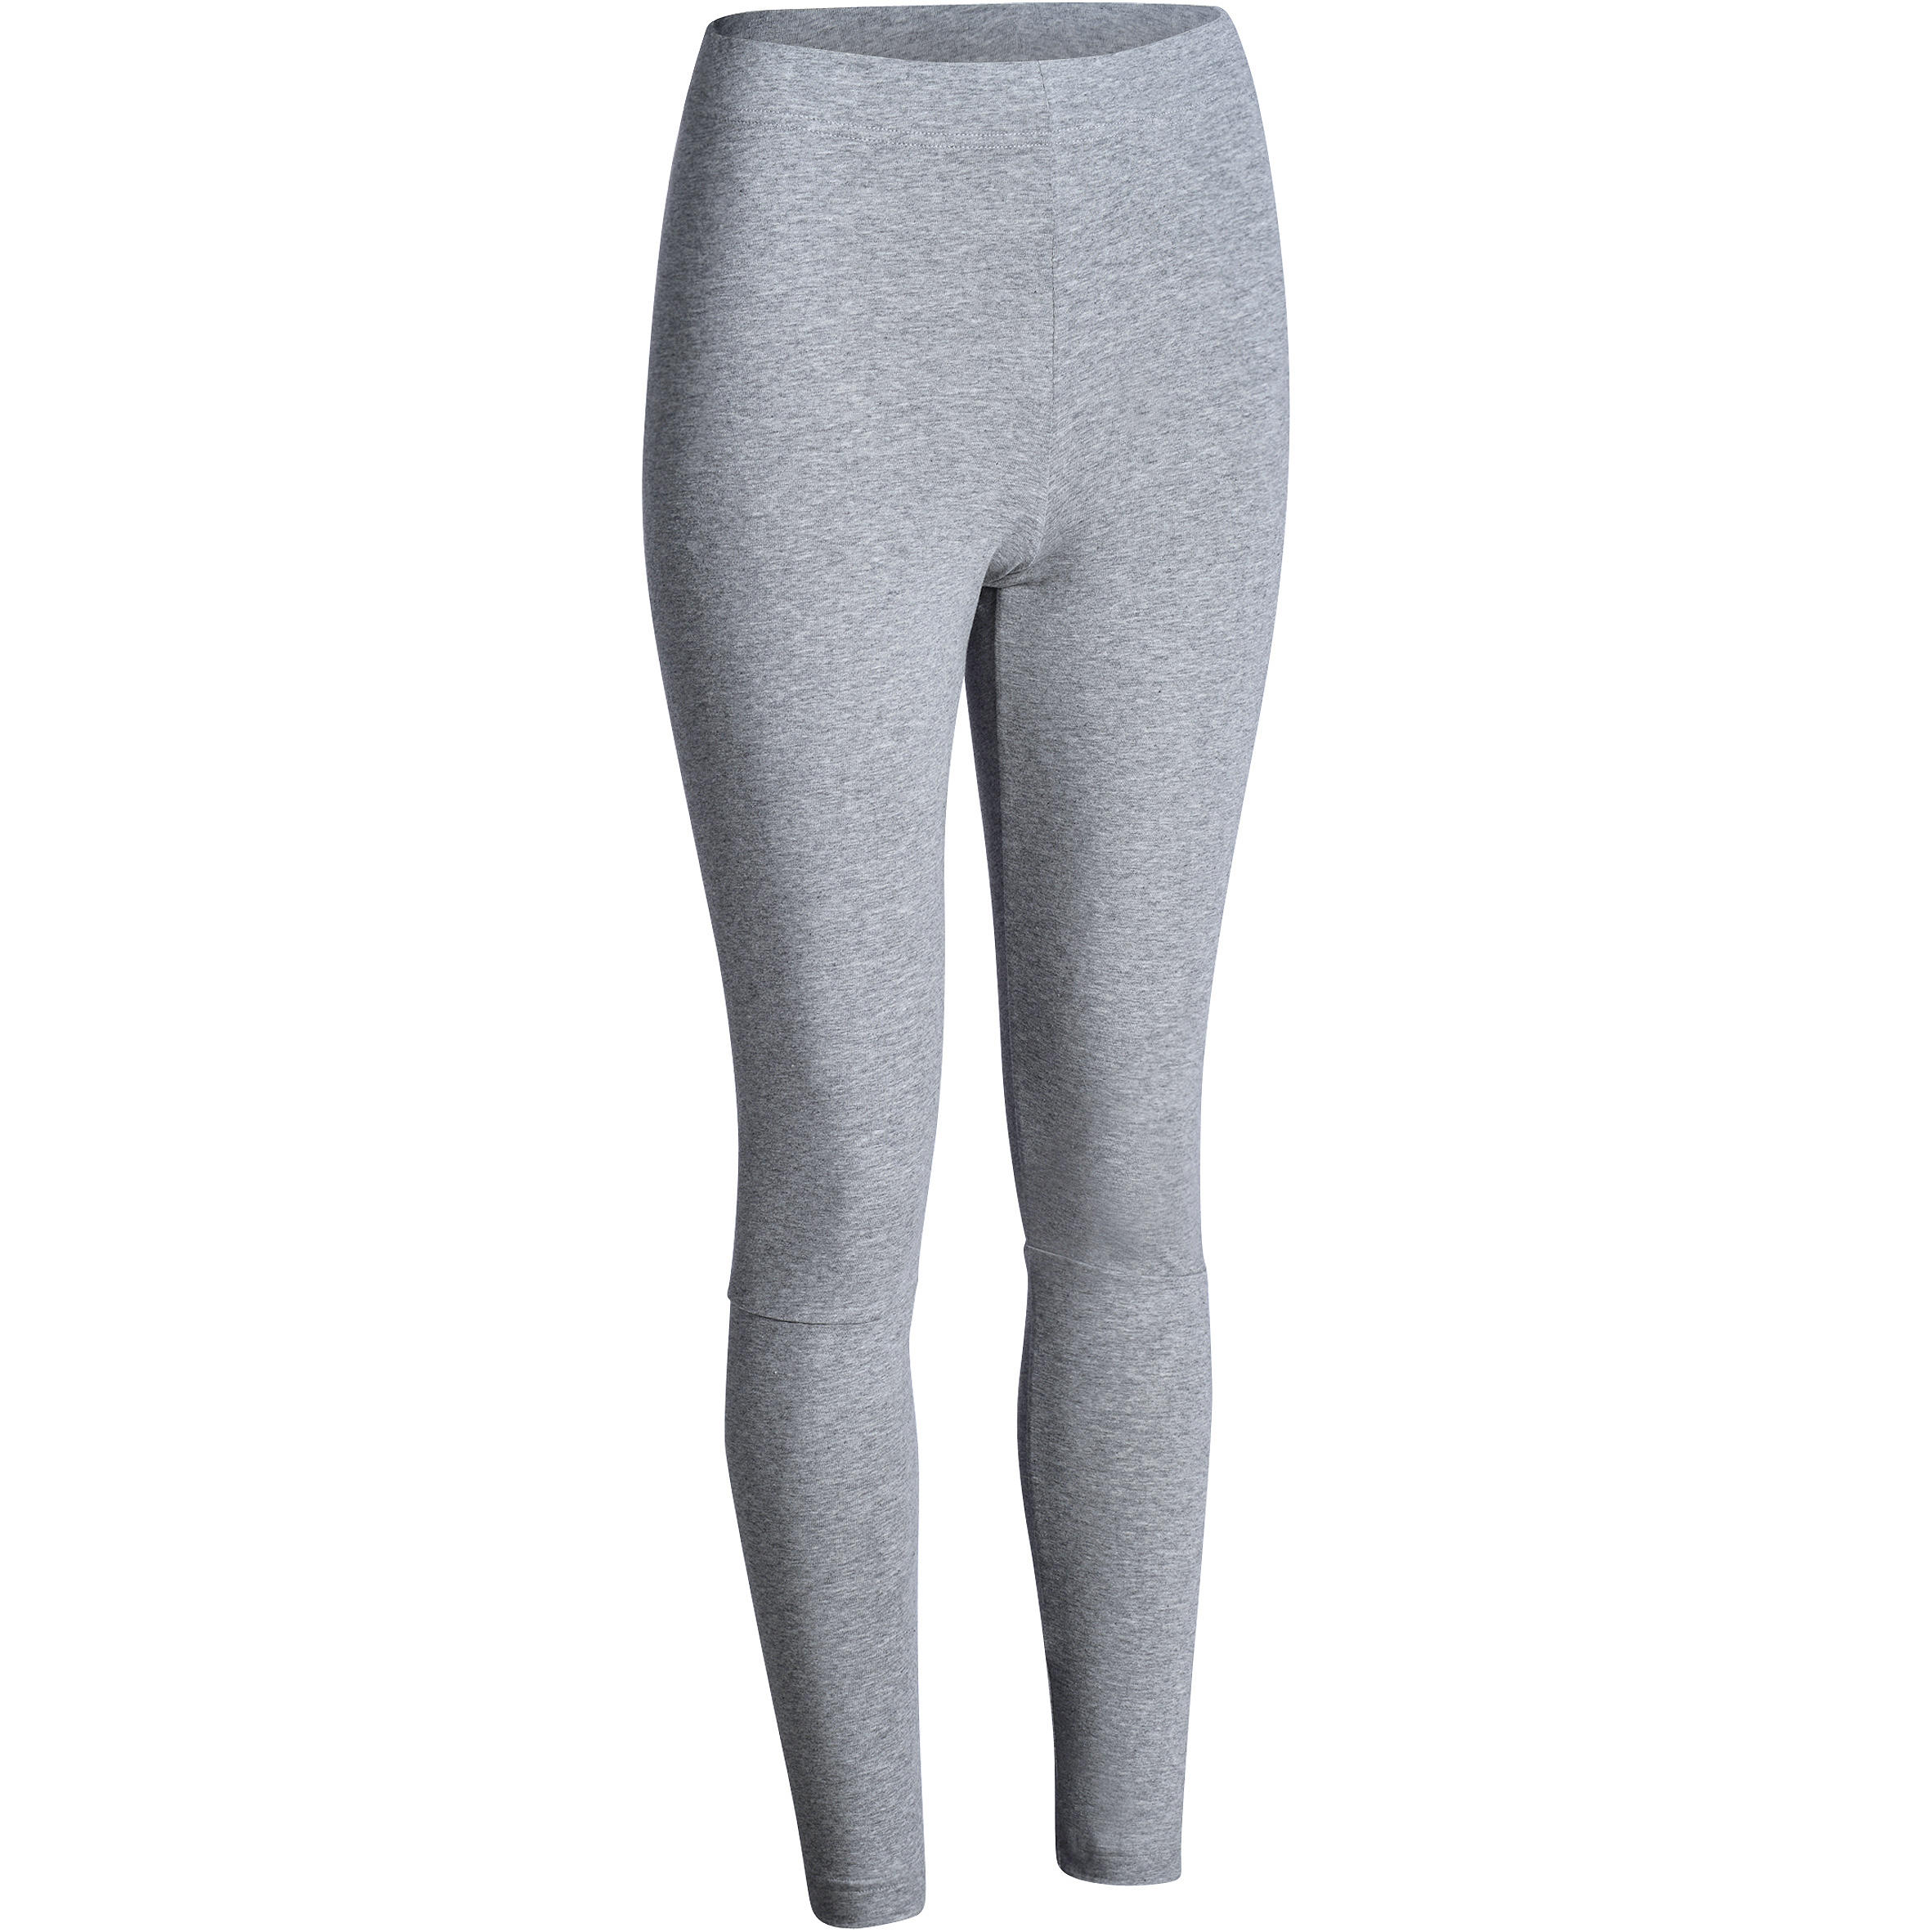 Adidas Fitnesslegging voor dames grijs/koraal